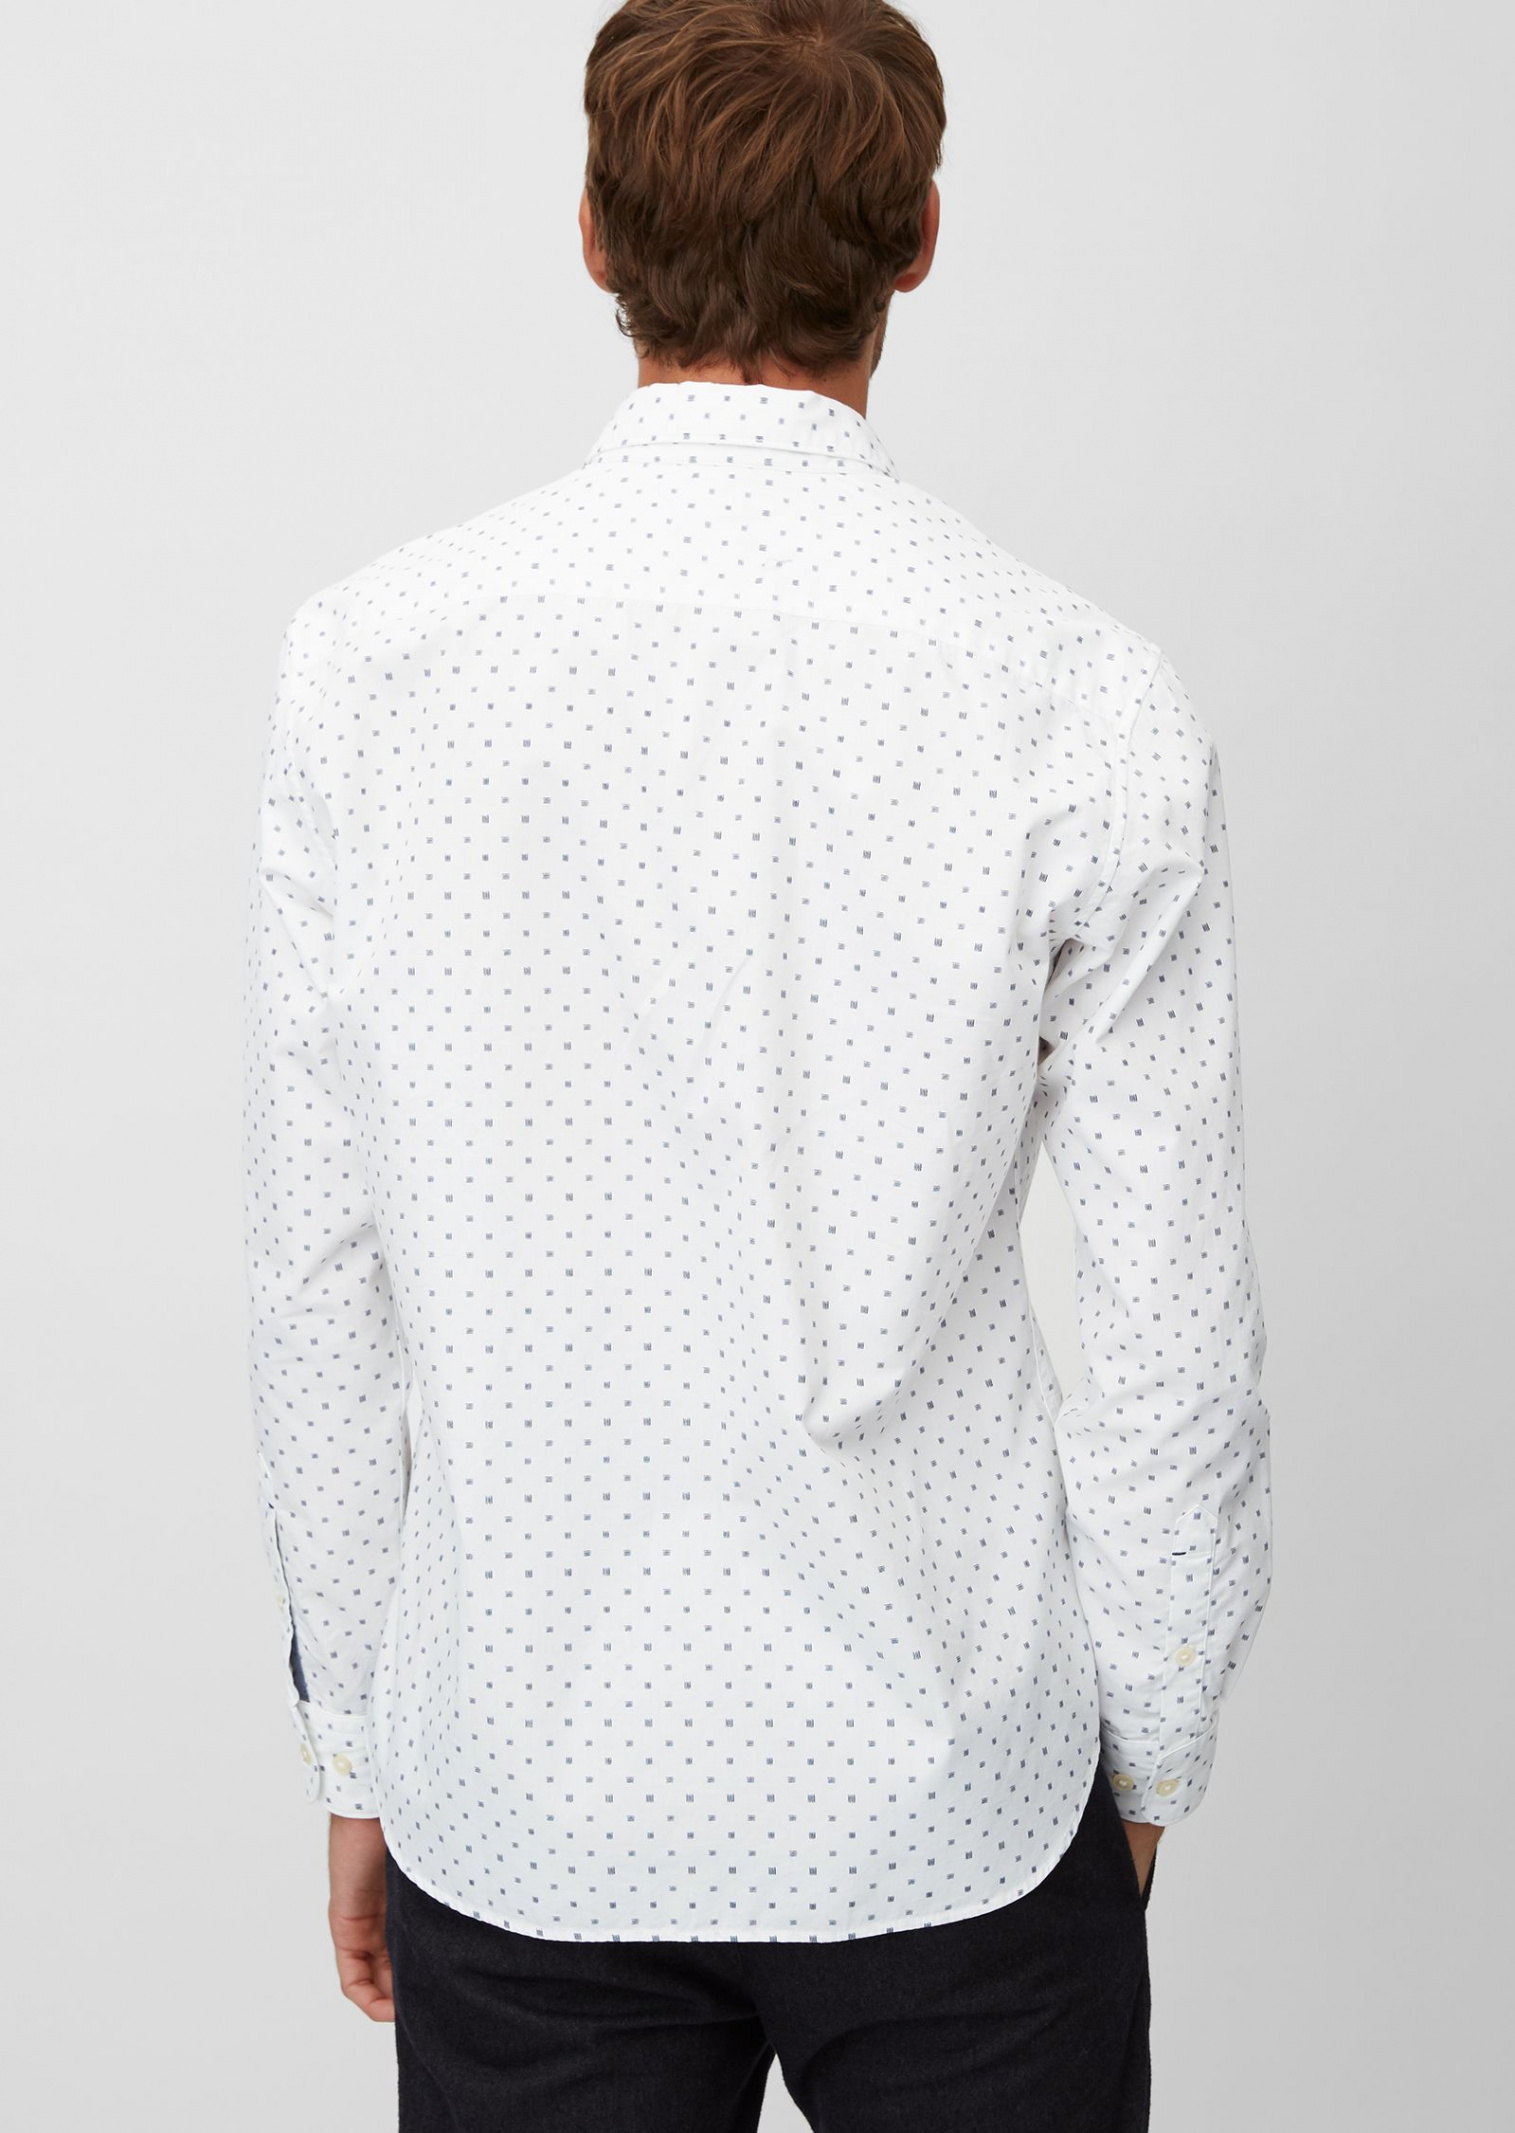 MARC O`POLO Сорочка чоловічі модель 931743842142-Q13 купити, 2017